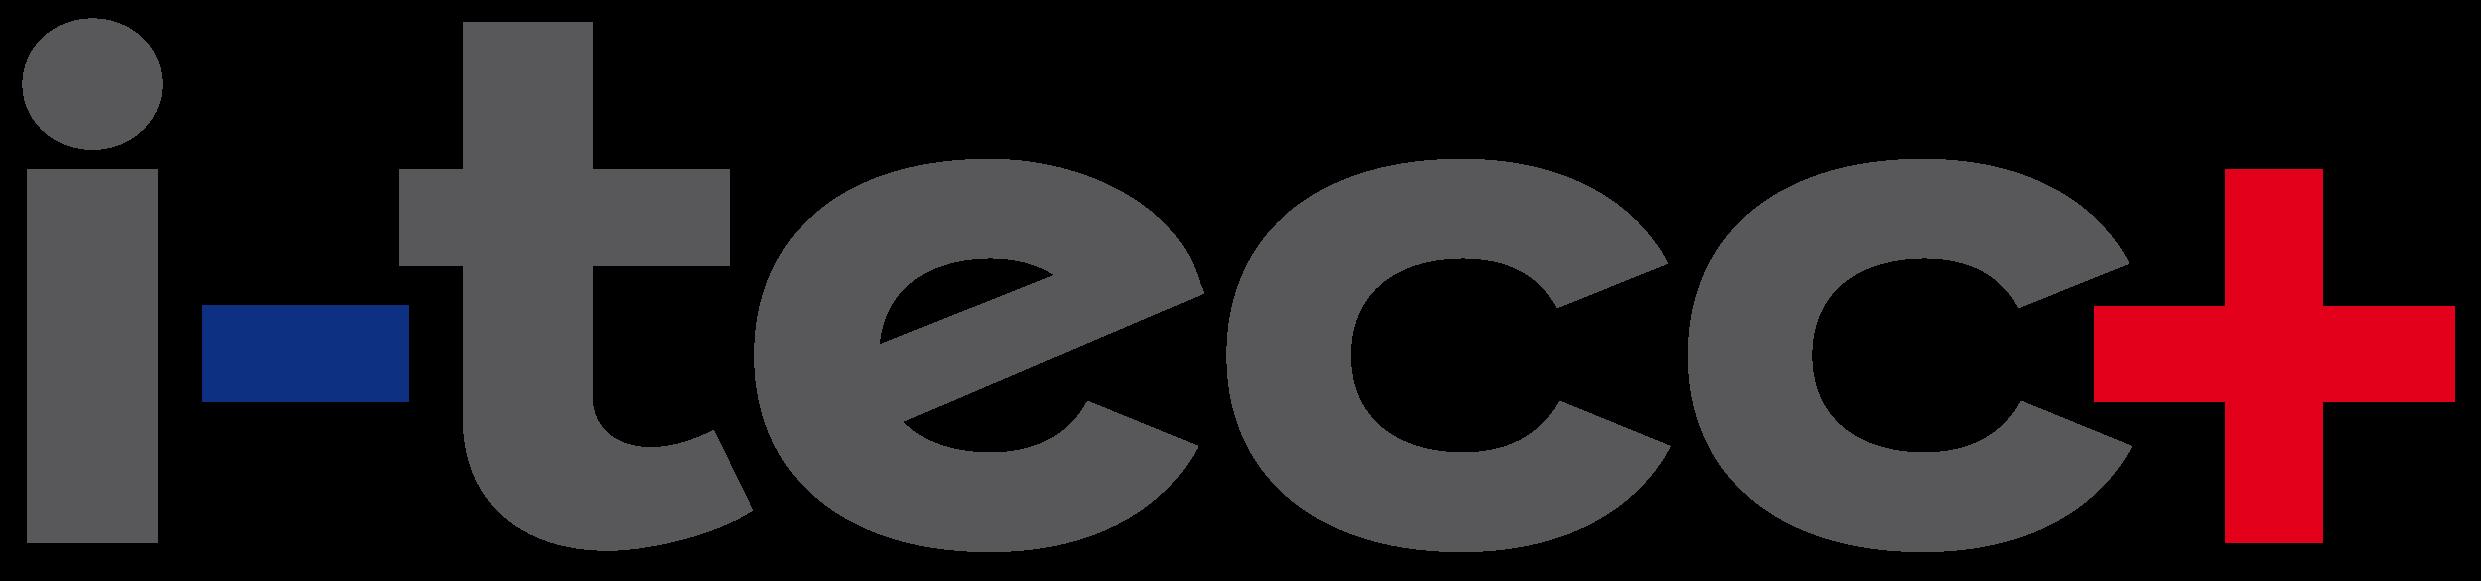 www.i-tecc.de